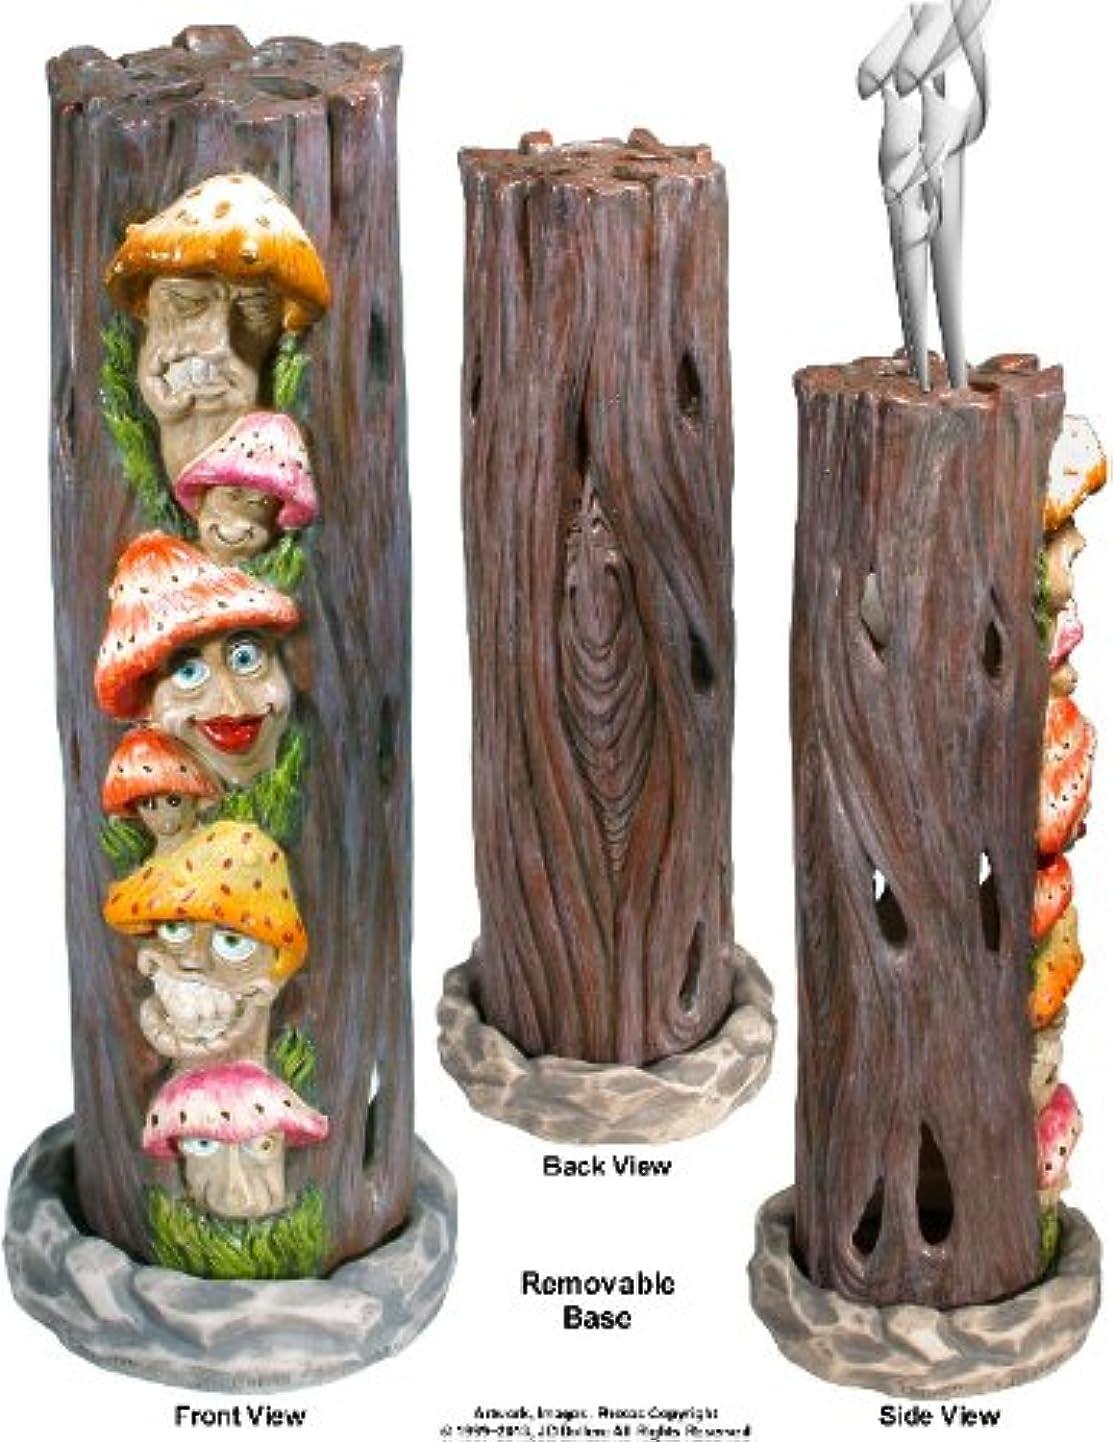 ビリーヤギマラドロイト不完全Mushrooms Family inアリスWonderland SmokingタワーIncense burner-ashcatcher by Nose Dessertsブランド